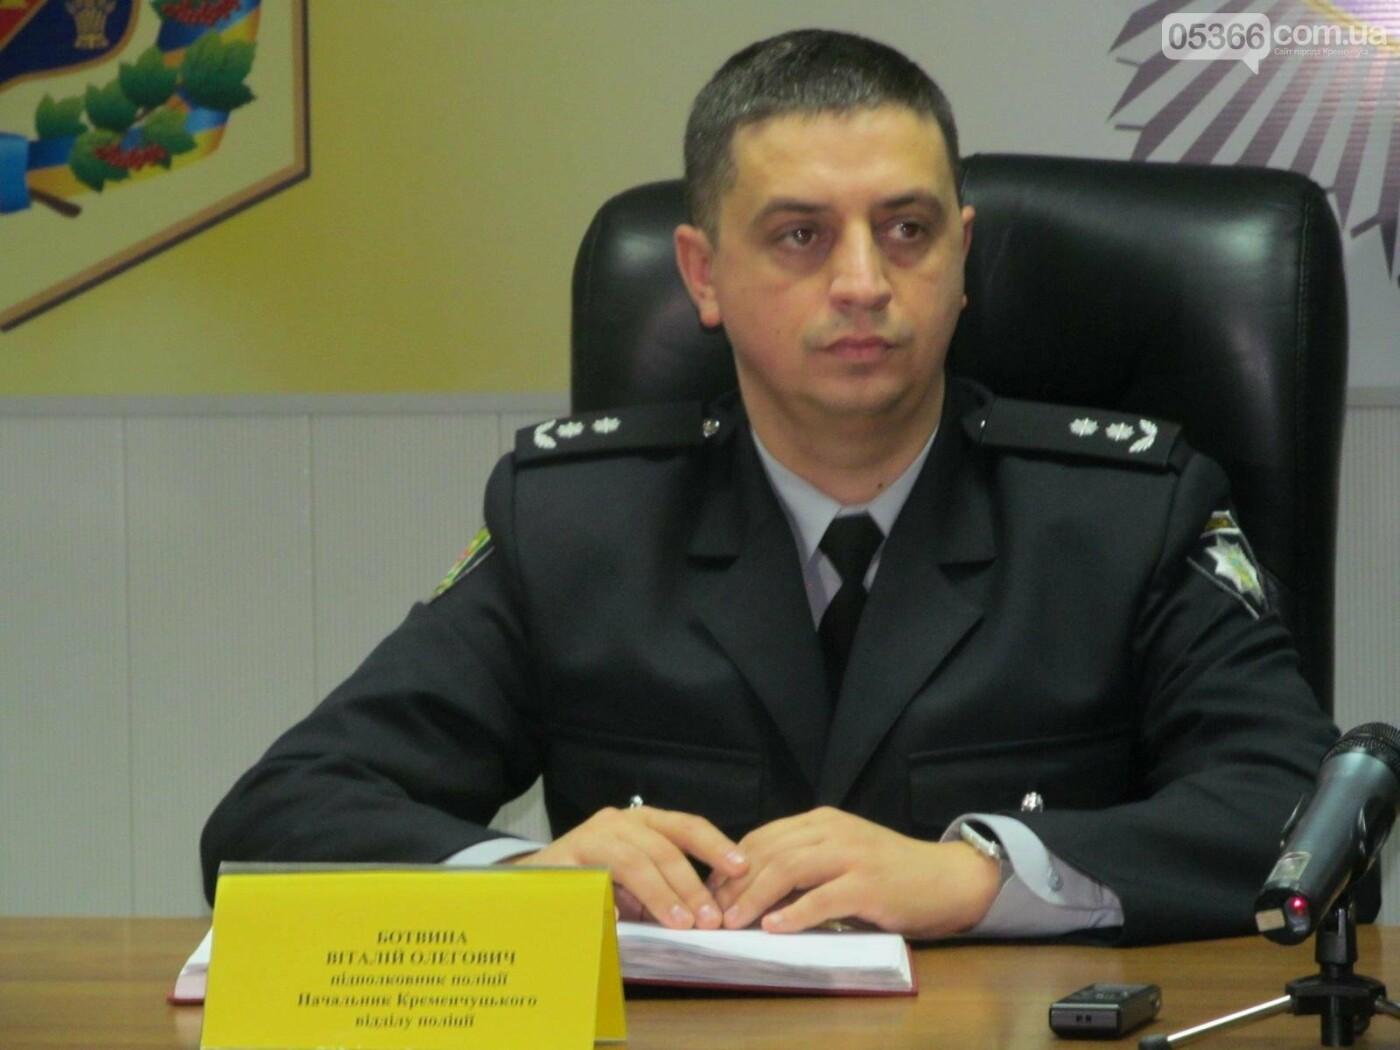 Виталий Ботвина